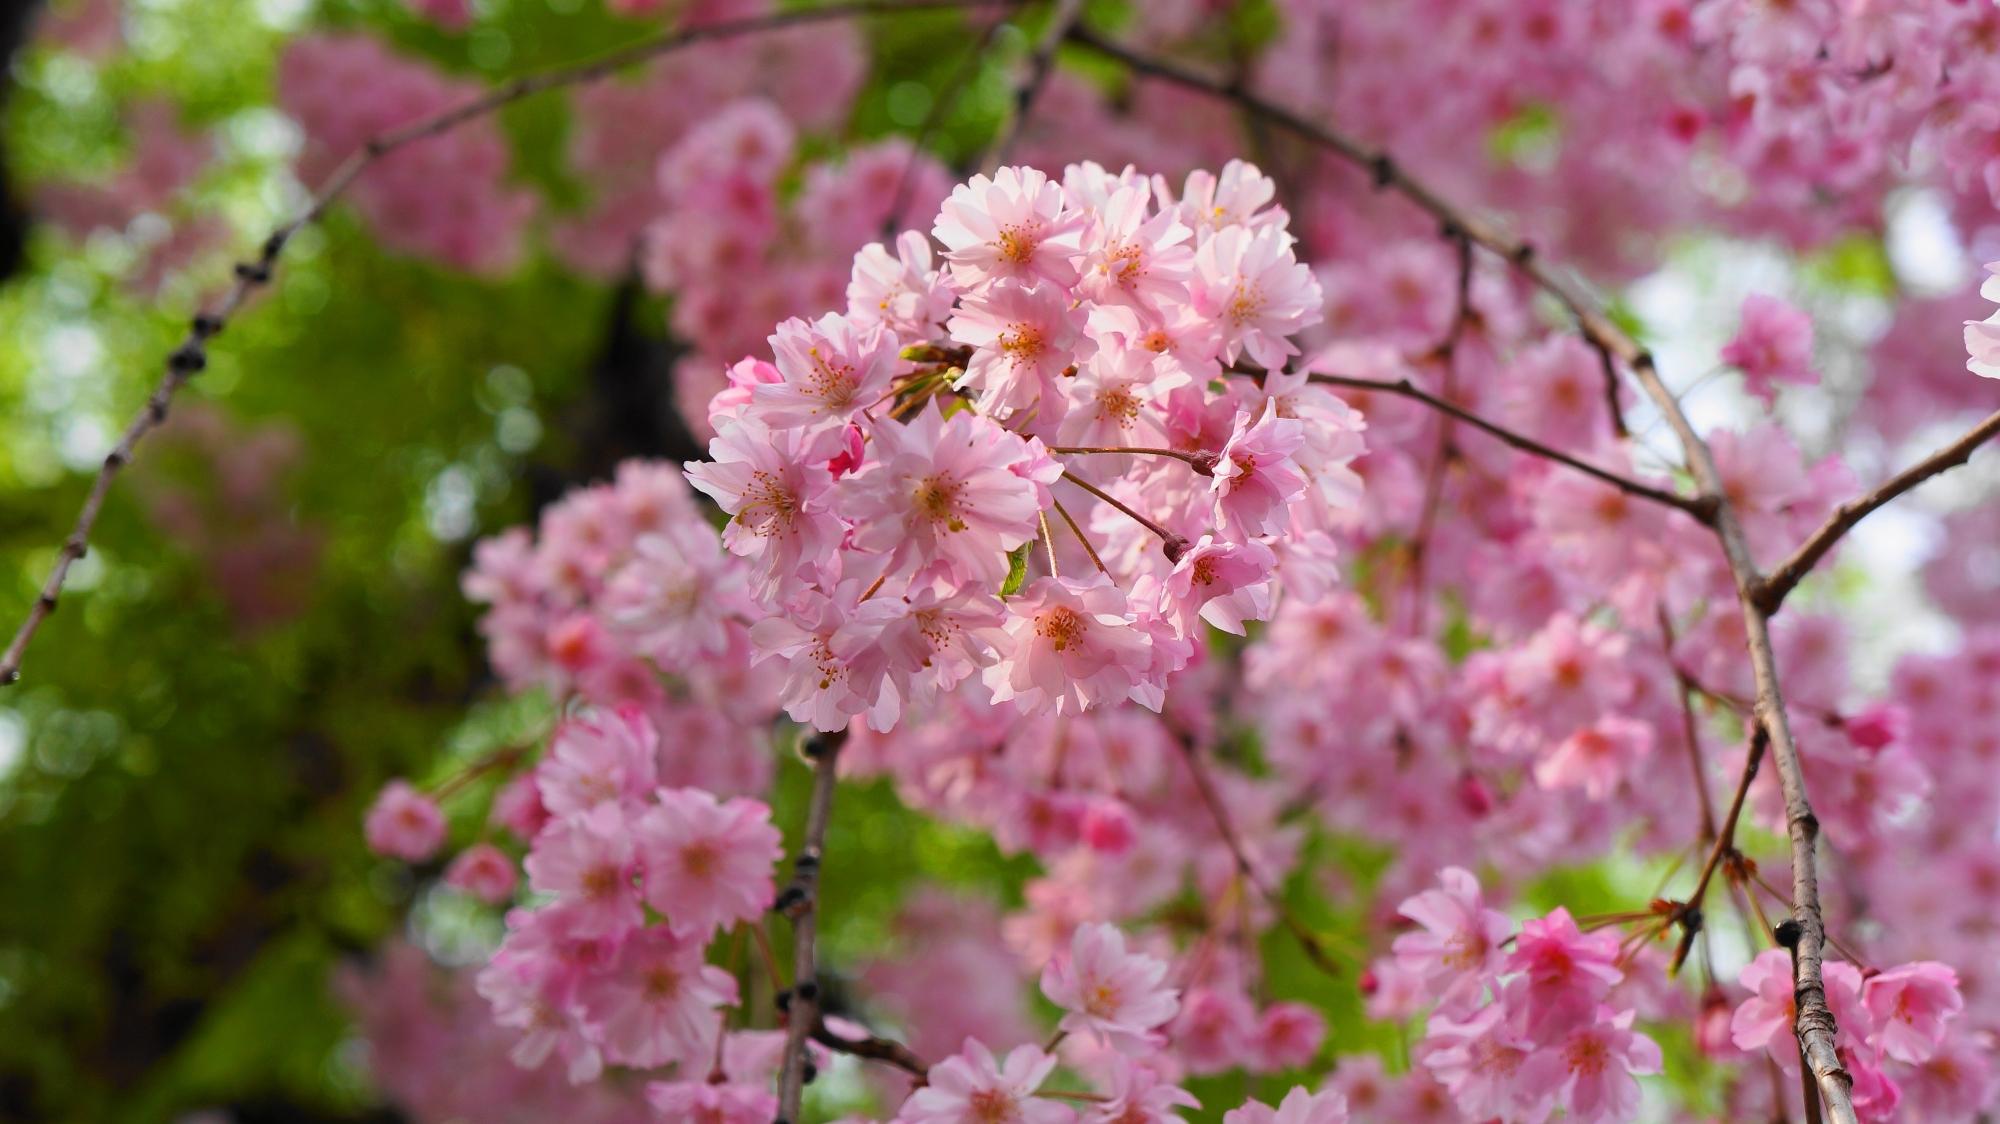 高画質 祇園白川 柳 満開 しだれ桜 写真 春